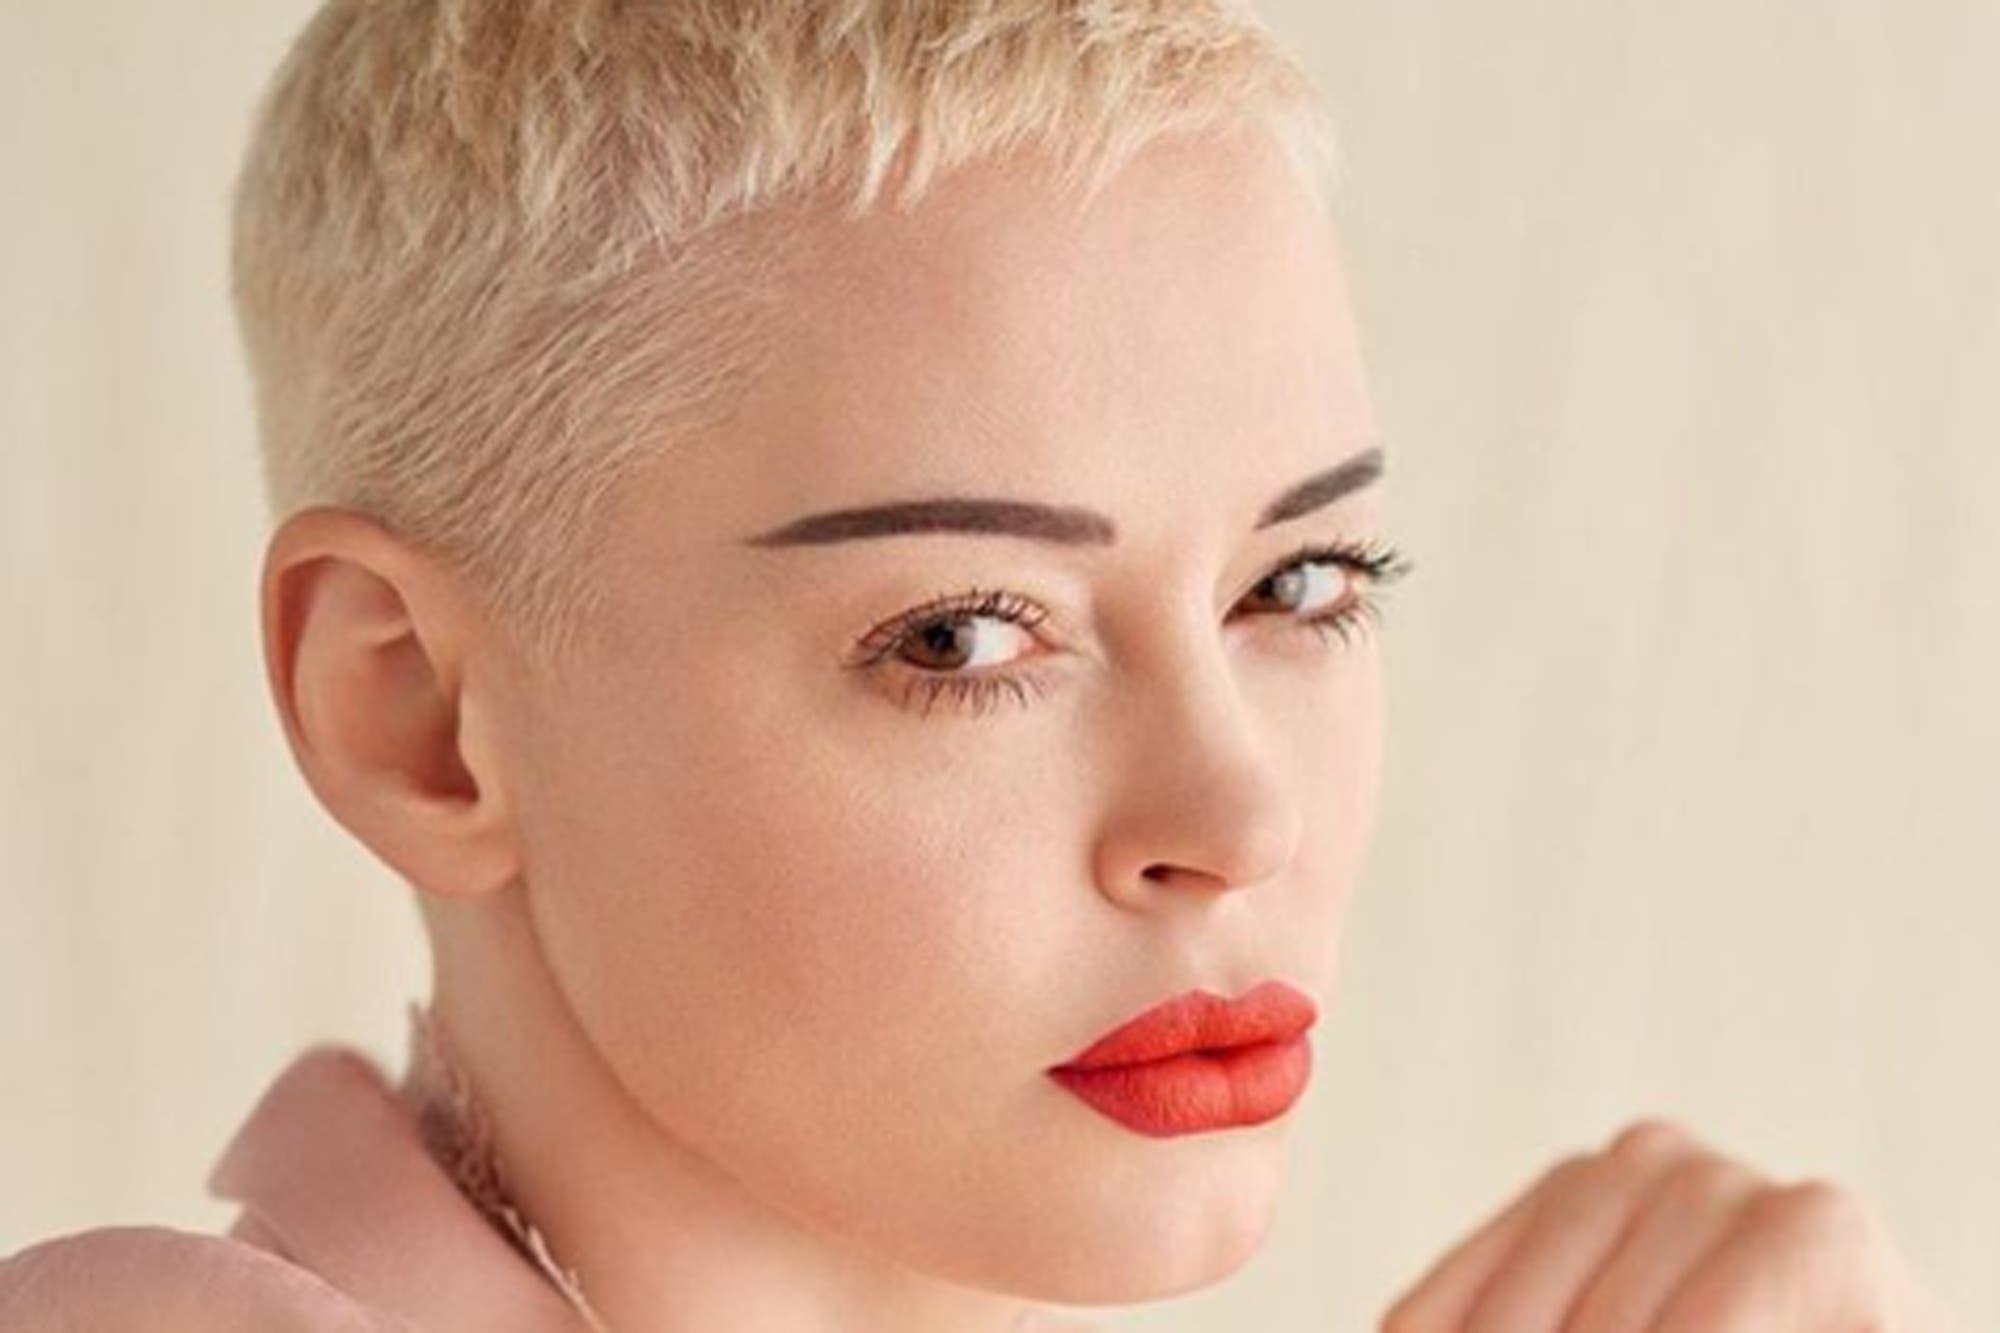 Actrices De Hollywood Que Se Parecen A Estrellas Porno la autocritica de rose mcgowan sobre su pelea con natalie